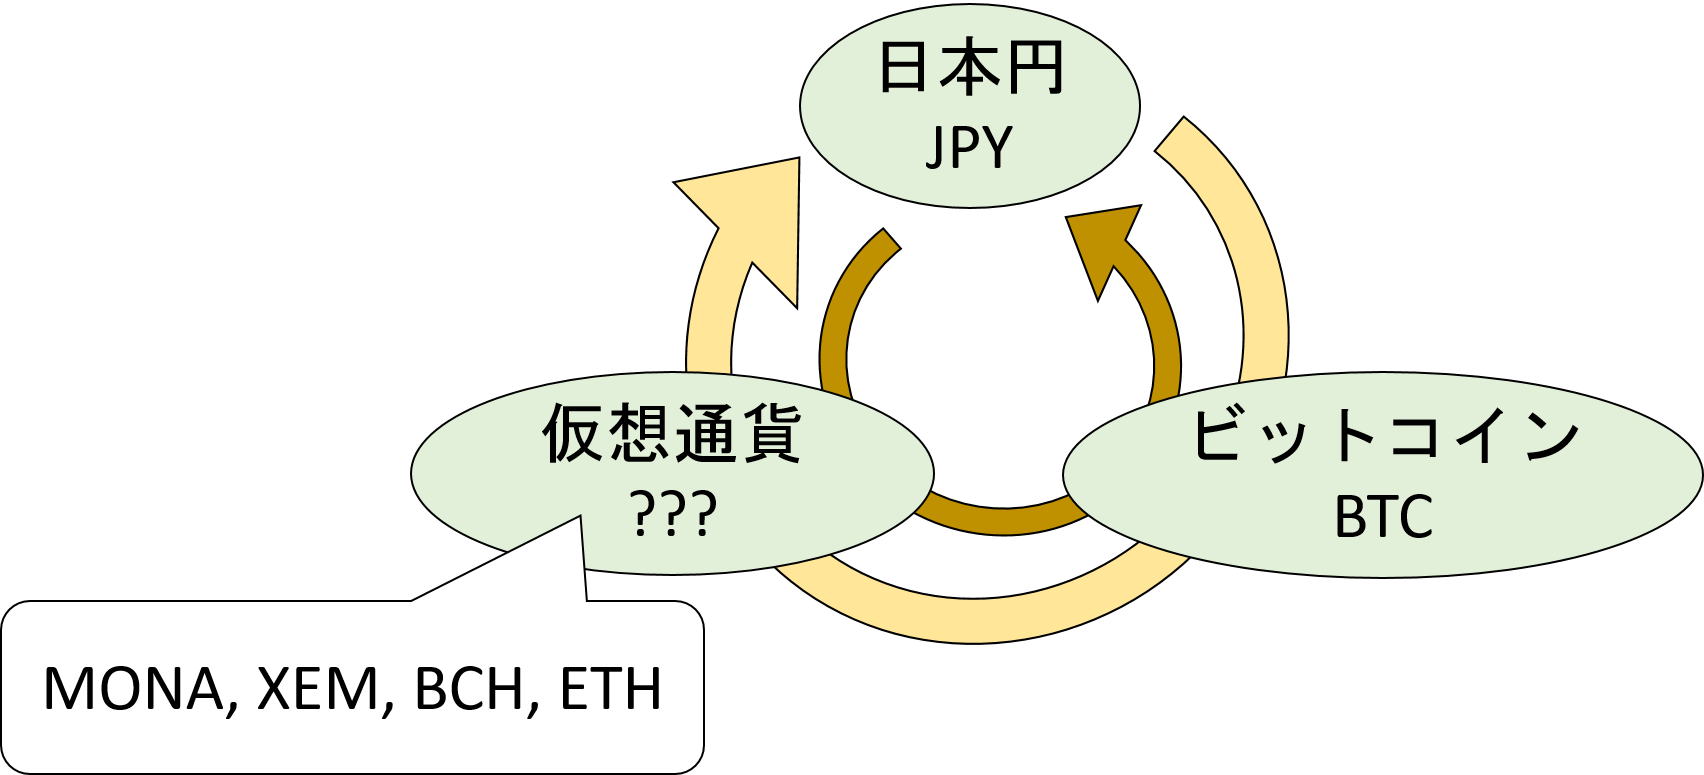 円と仮想通貨による三角裁定モデル.png